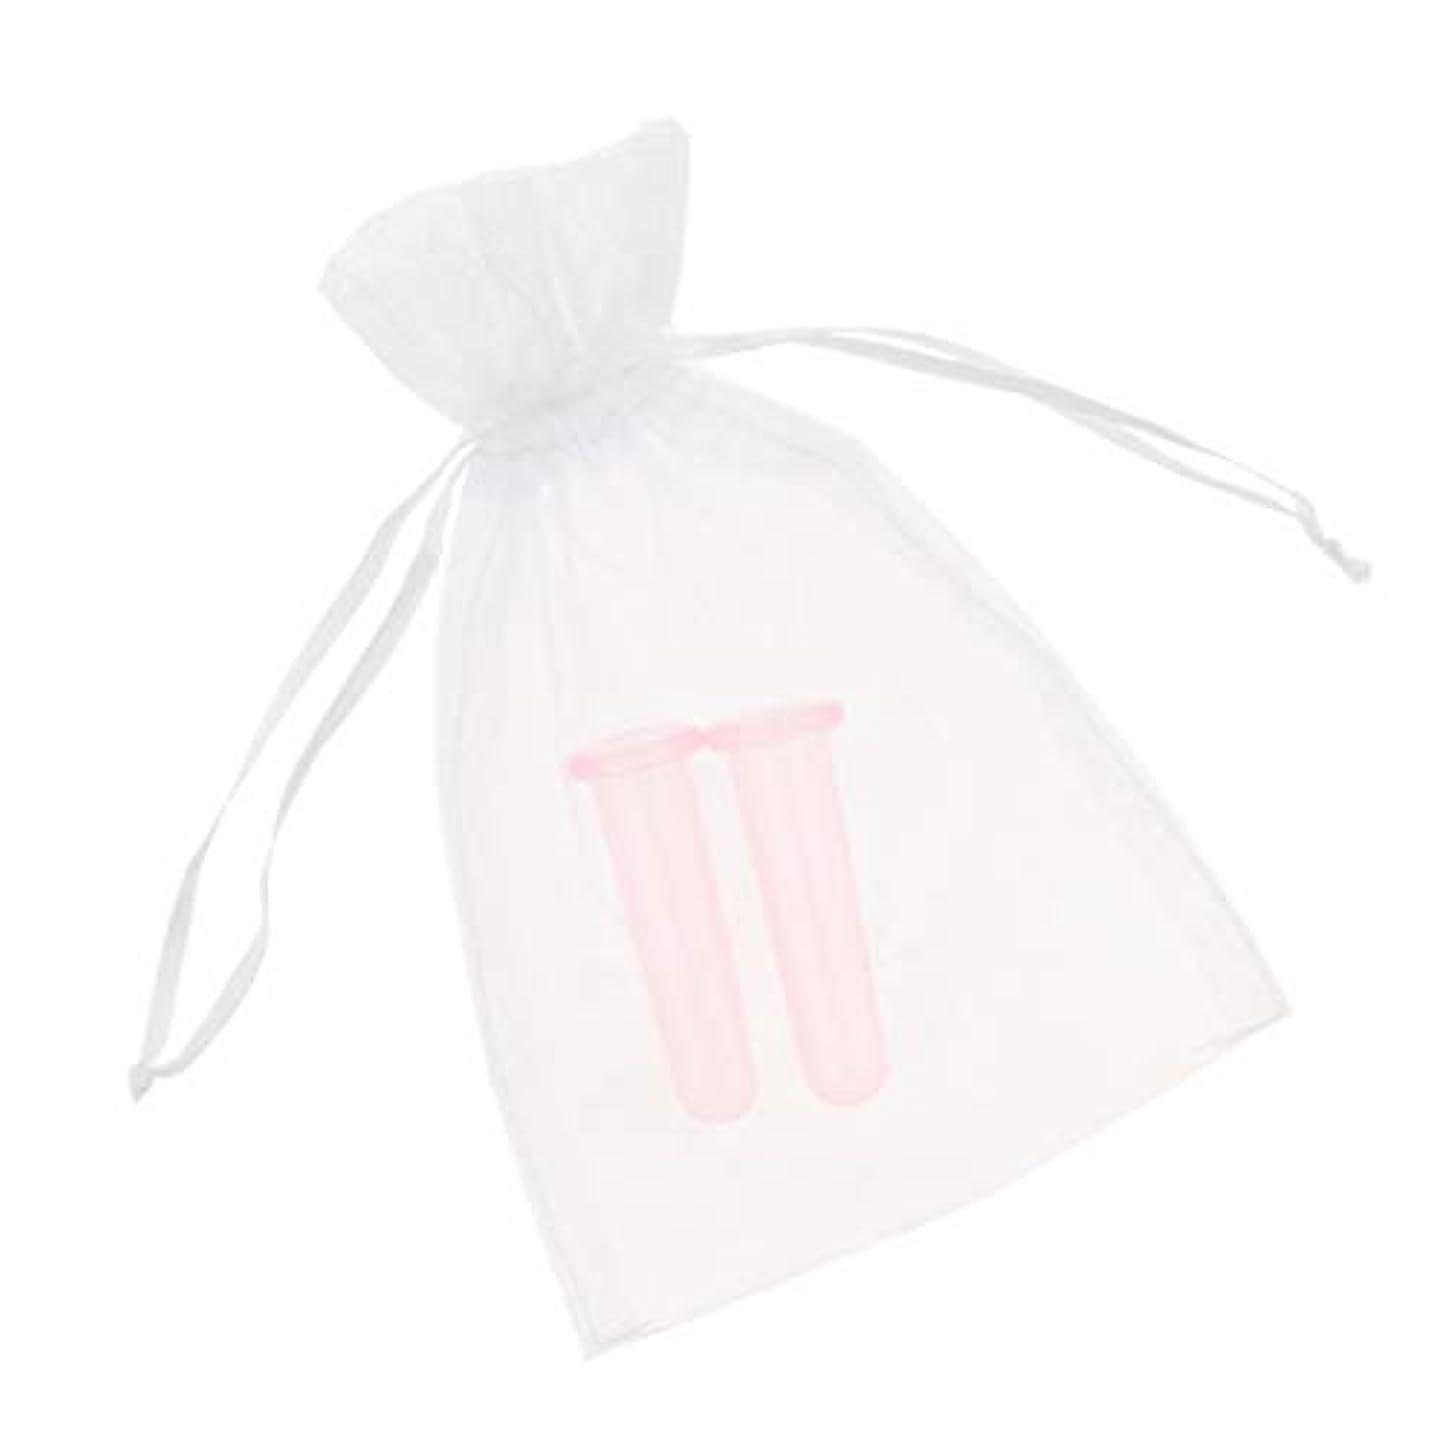 実際のきらきら利得FLAMEER 2個 真空顔用 シリコーン マッサージカップ 吸い玉 マッサージ カッピング 収納ポーチ付き 全2色 - ピンク